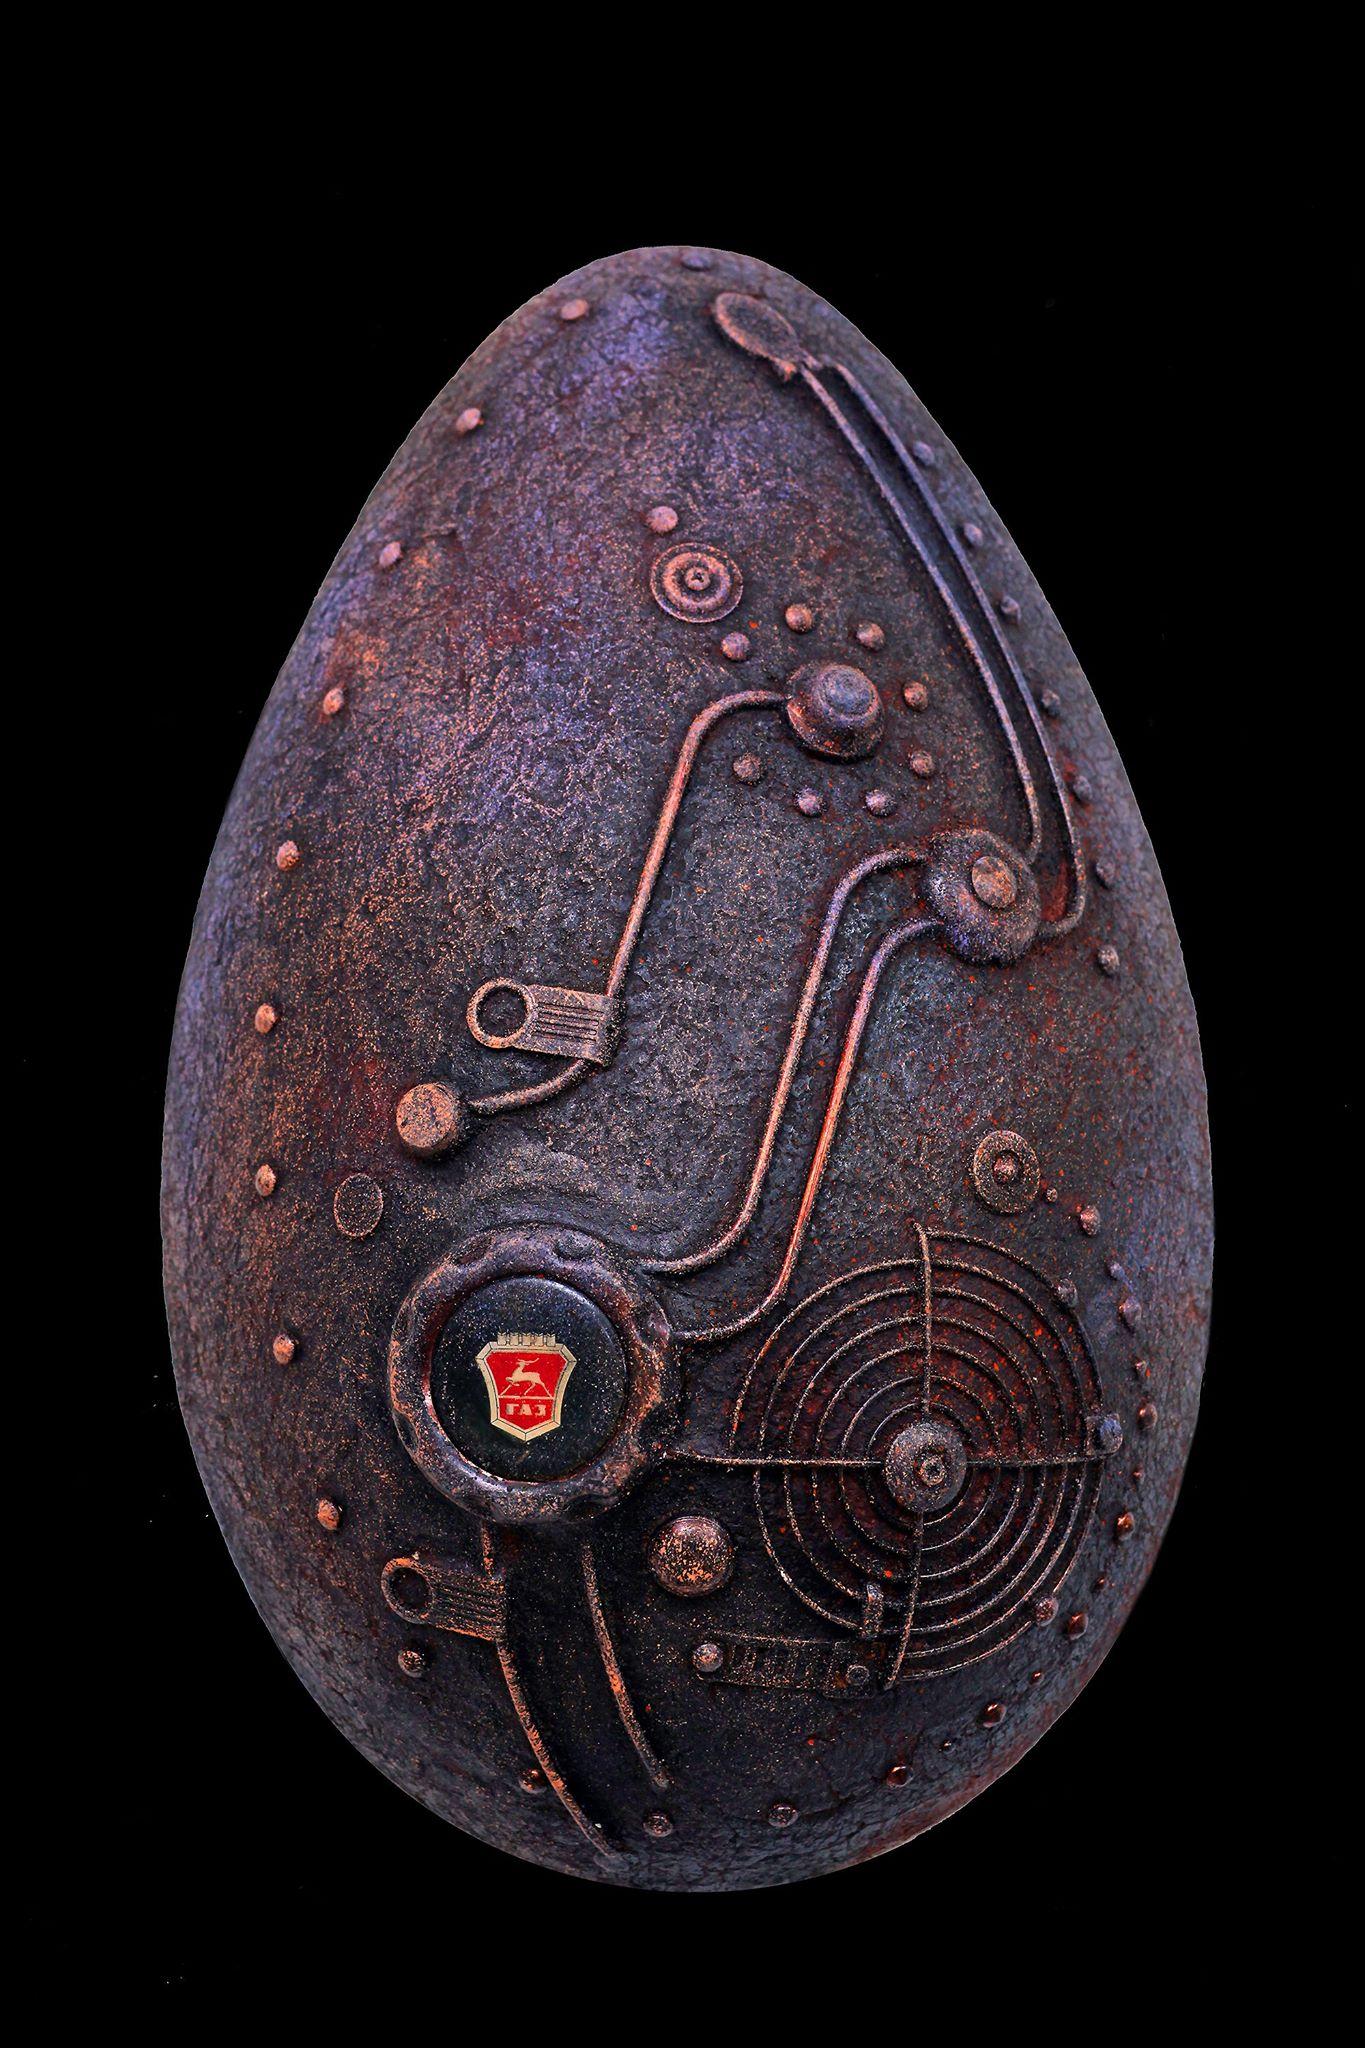 Техно - яйцо.        2019 г.             Папье-маше, металл.       (44 х 28 см.)